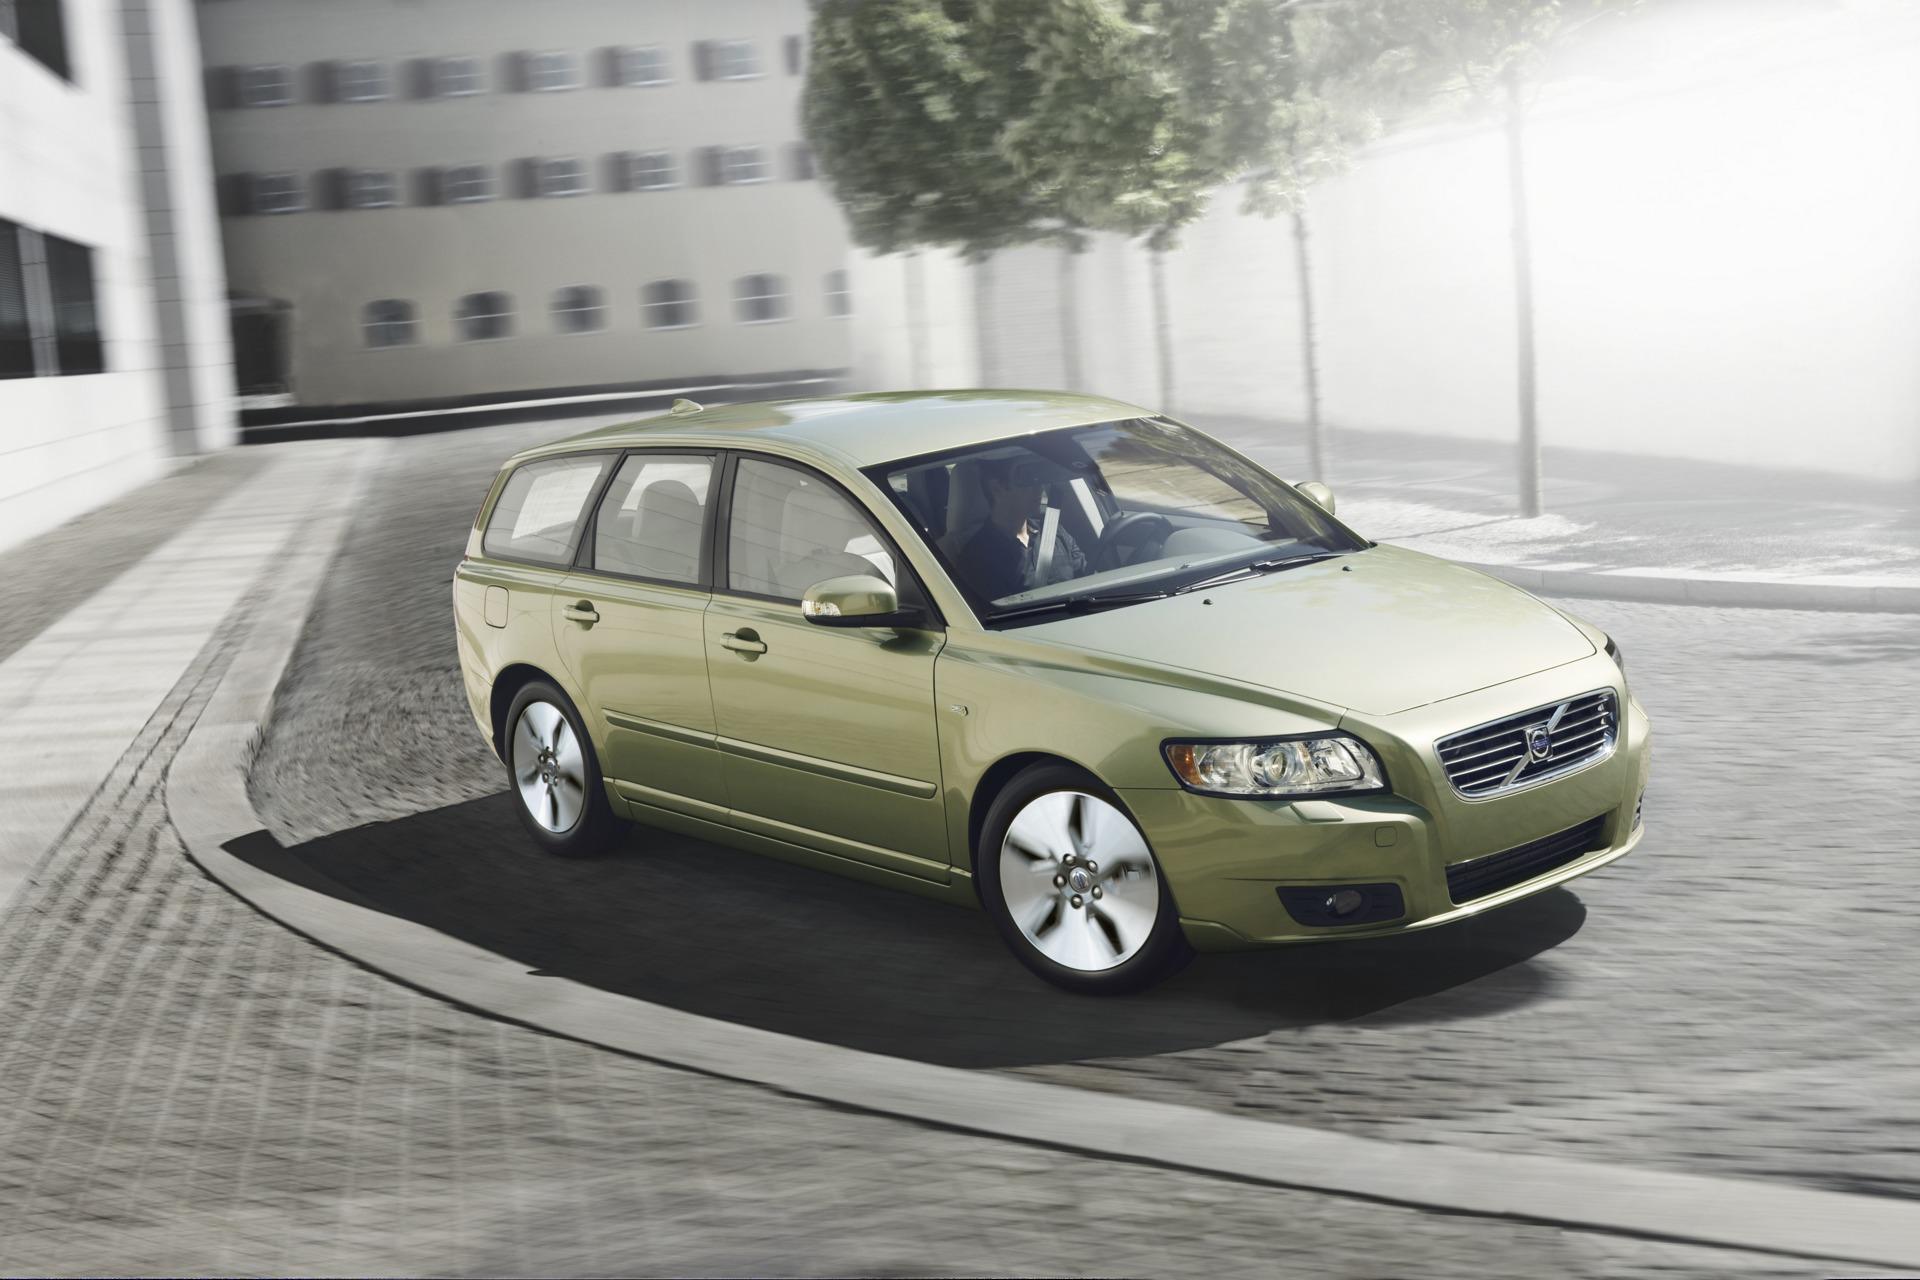 2009 Volvo V50 DRIVe News and Information - conceptcarz.com